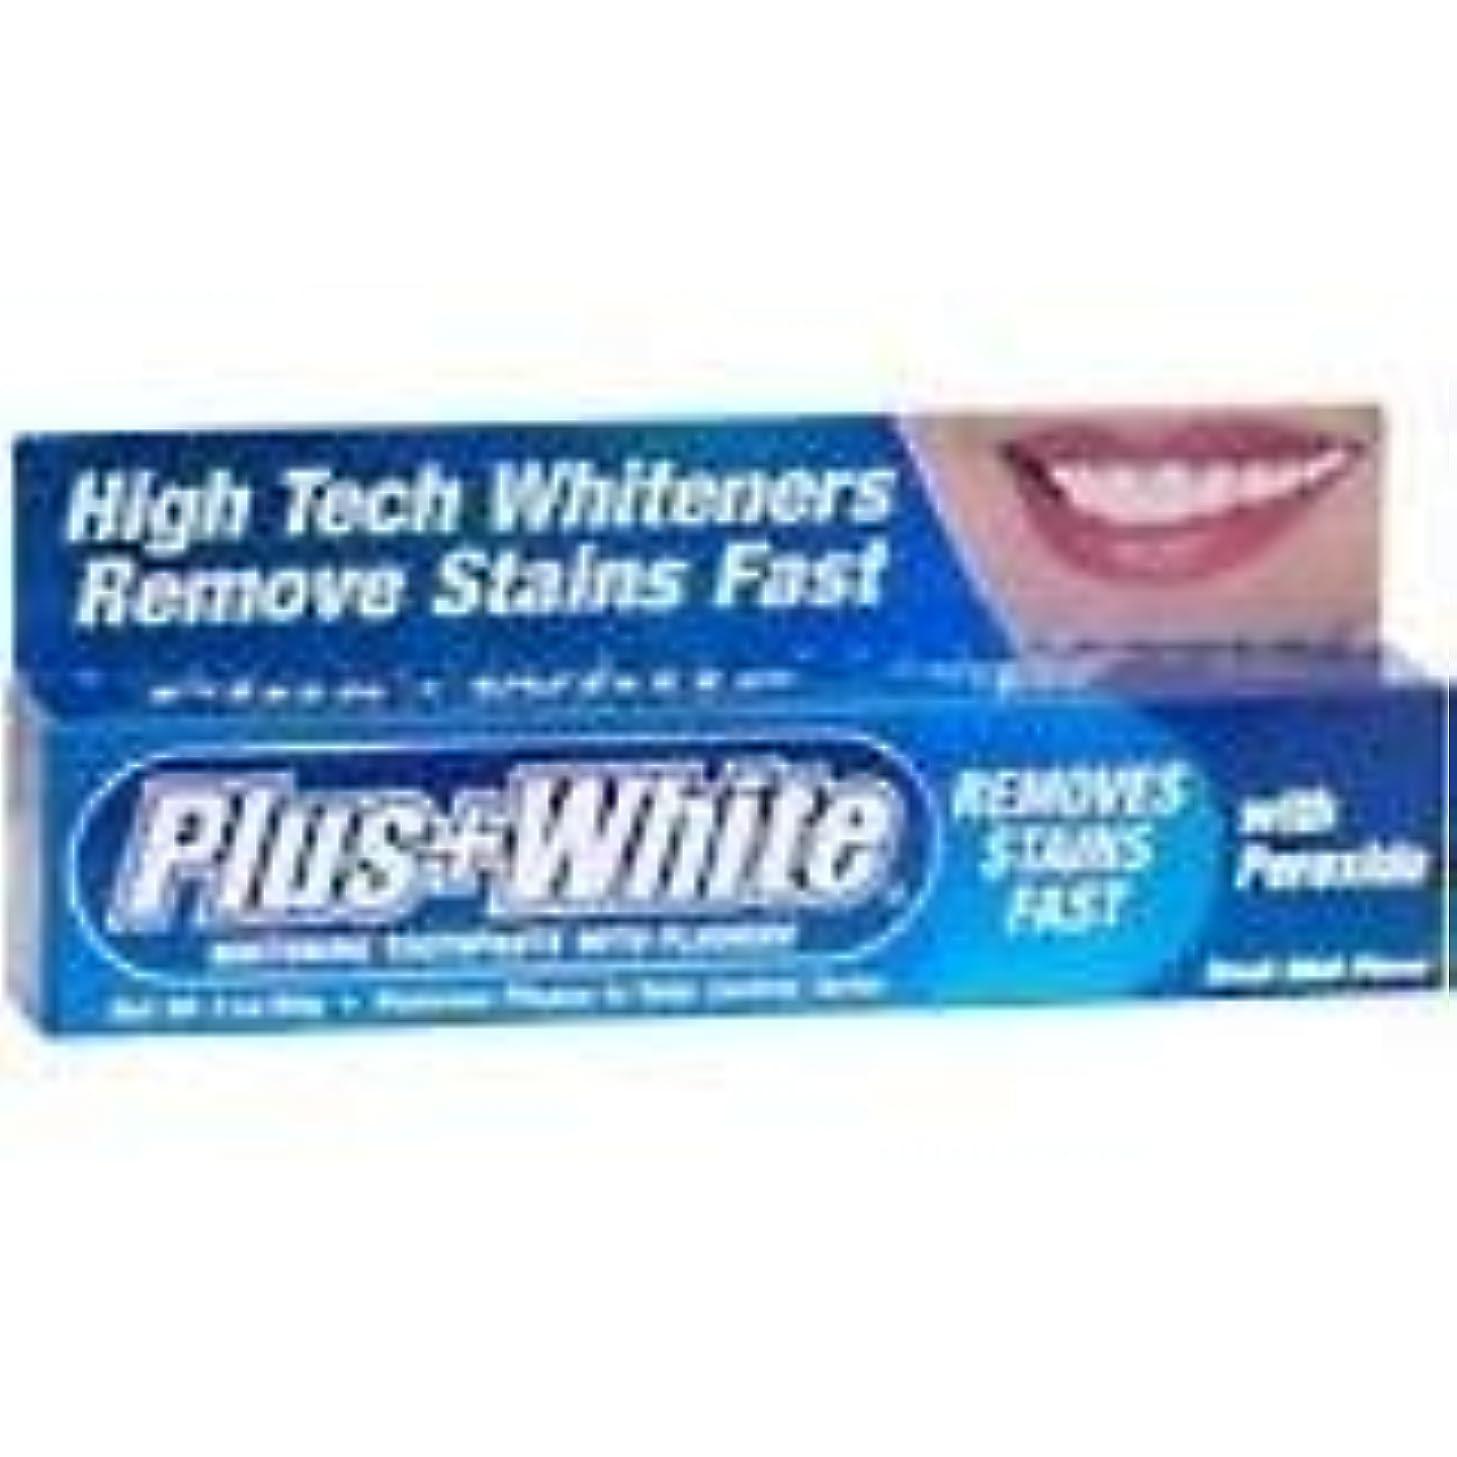 十代の若者たちピザ建設Plus White 過酸化物とエクストラホワイトニング歯磨き(1パック)